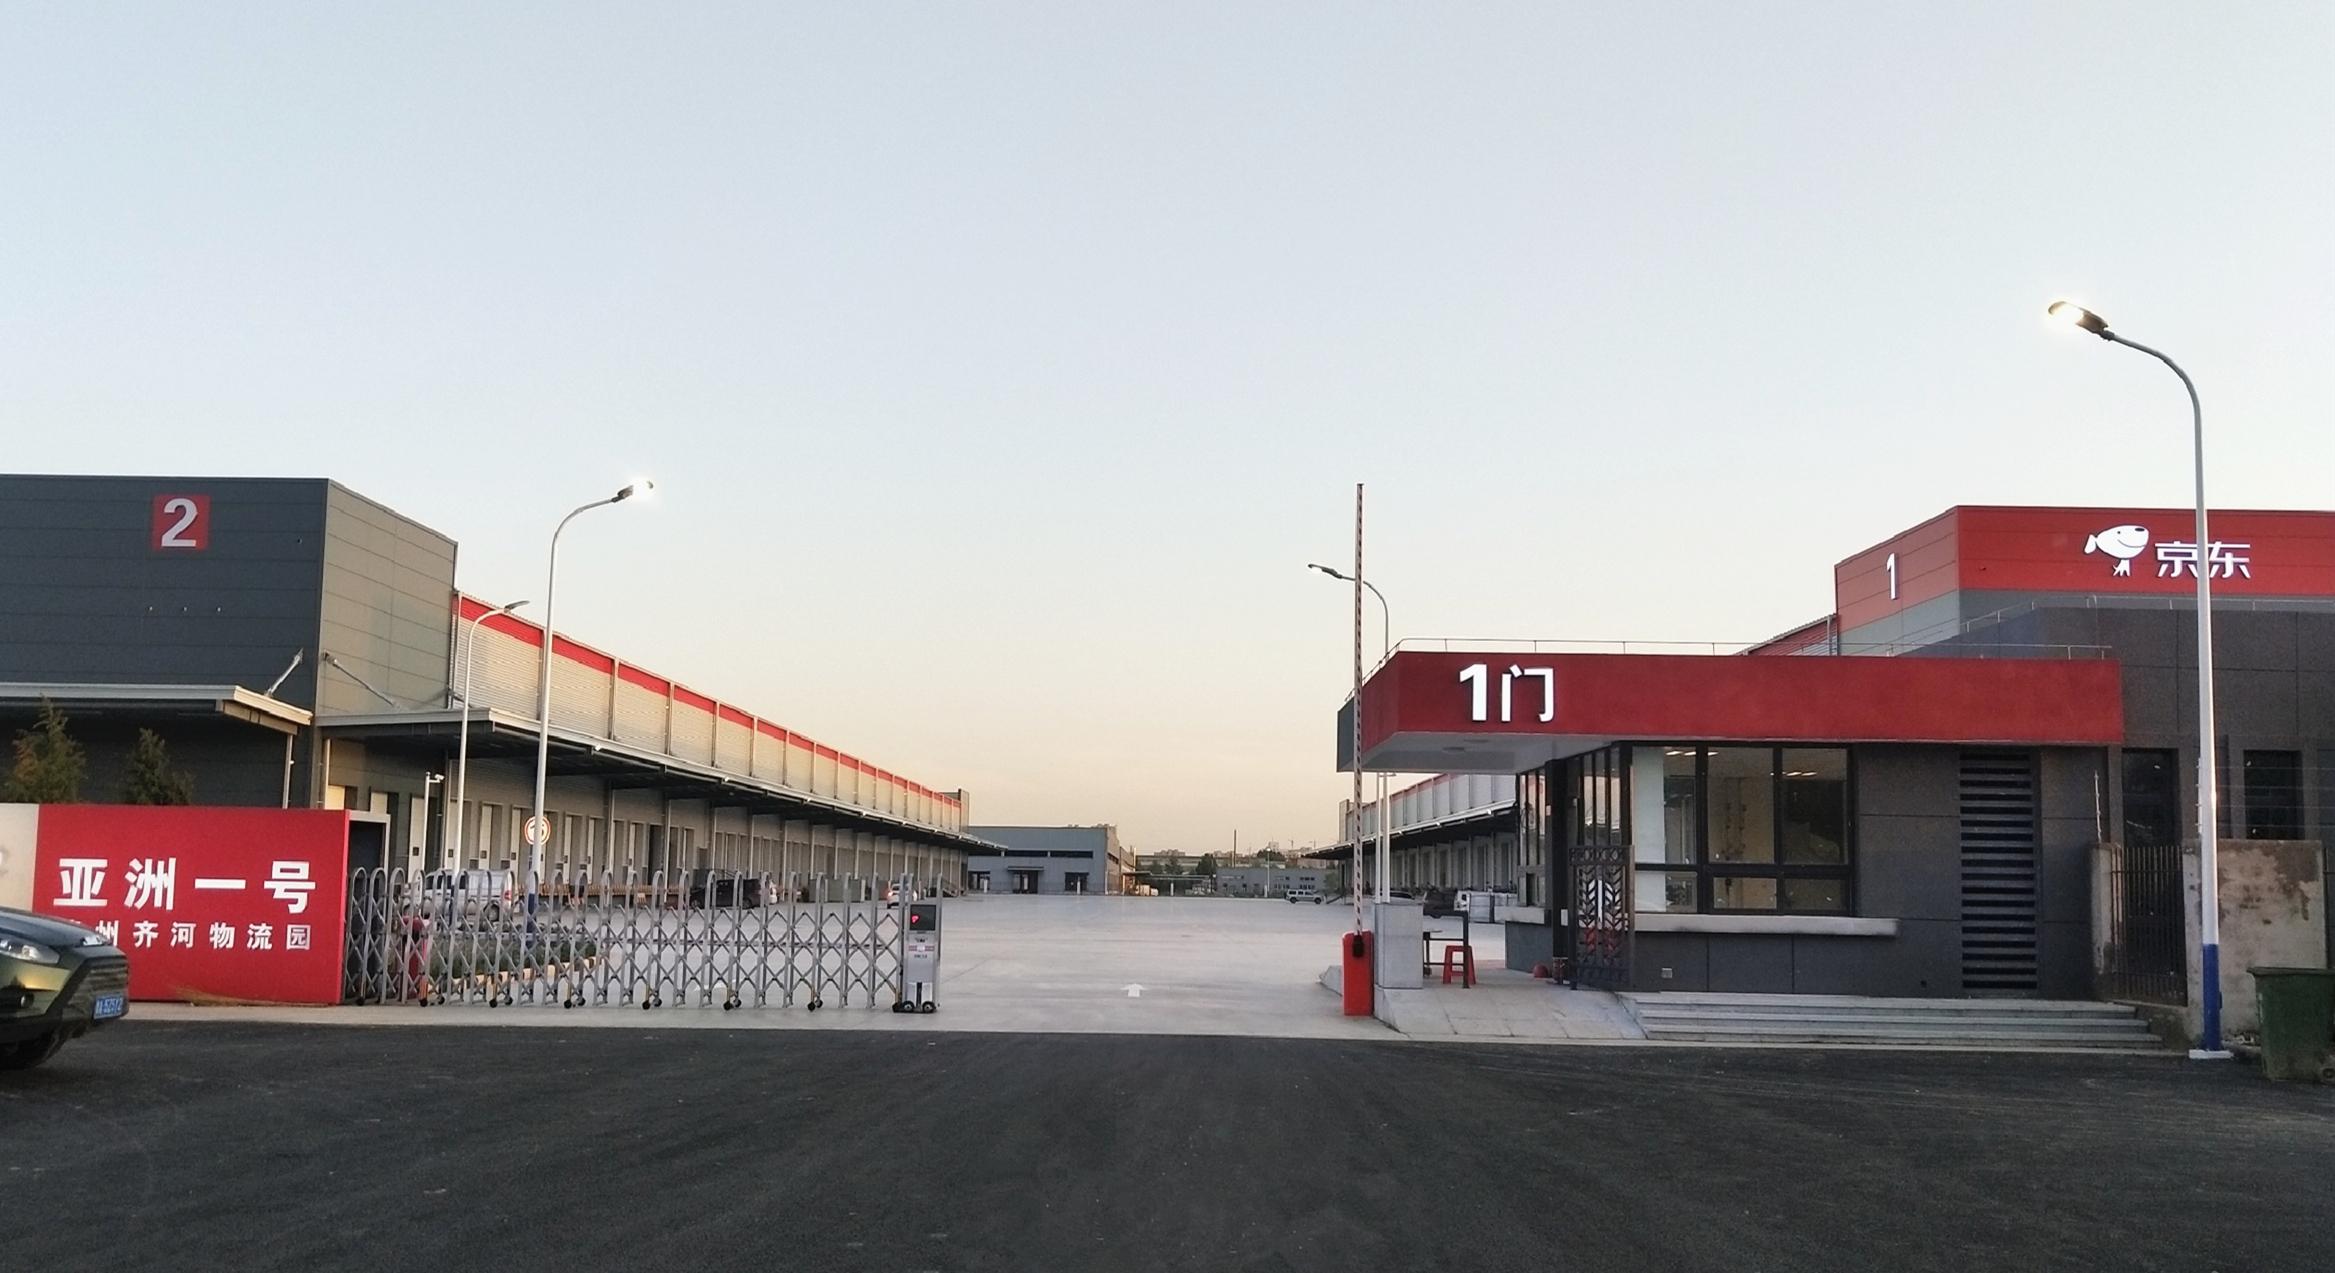 【置顶】明珠德赢vwinapp提前2月完成京东亚洲一号德州齐河物流园建设项目